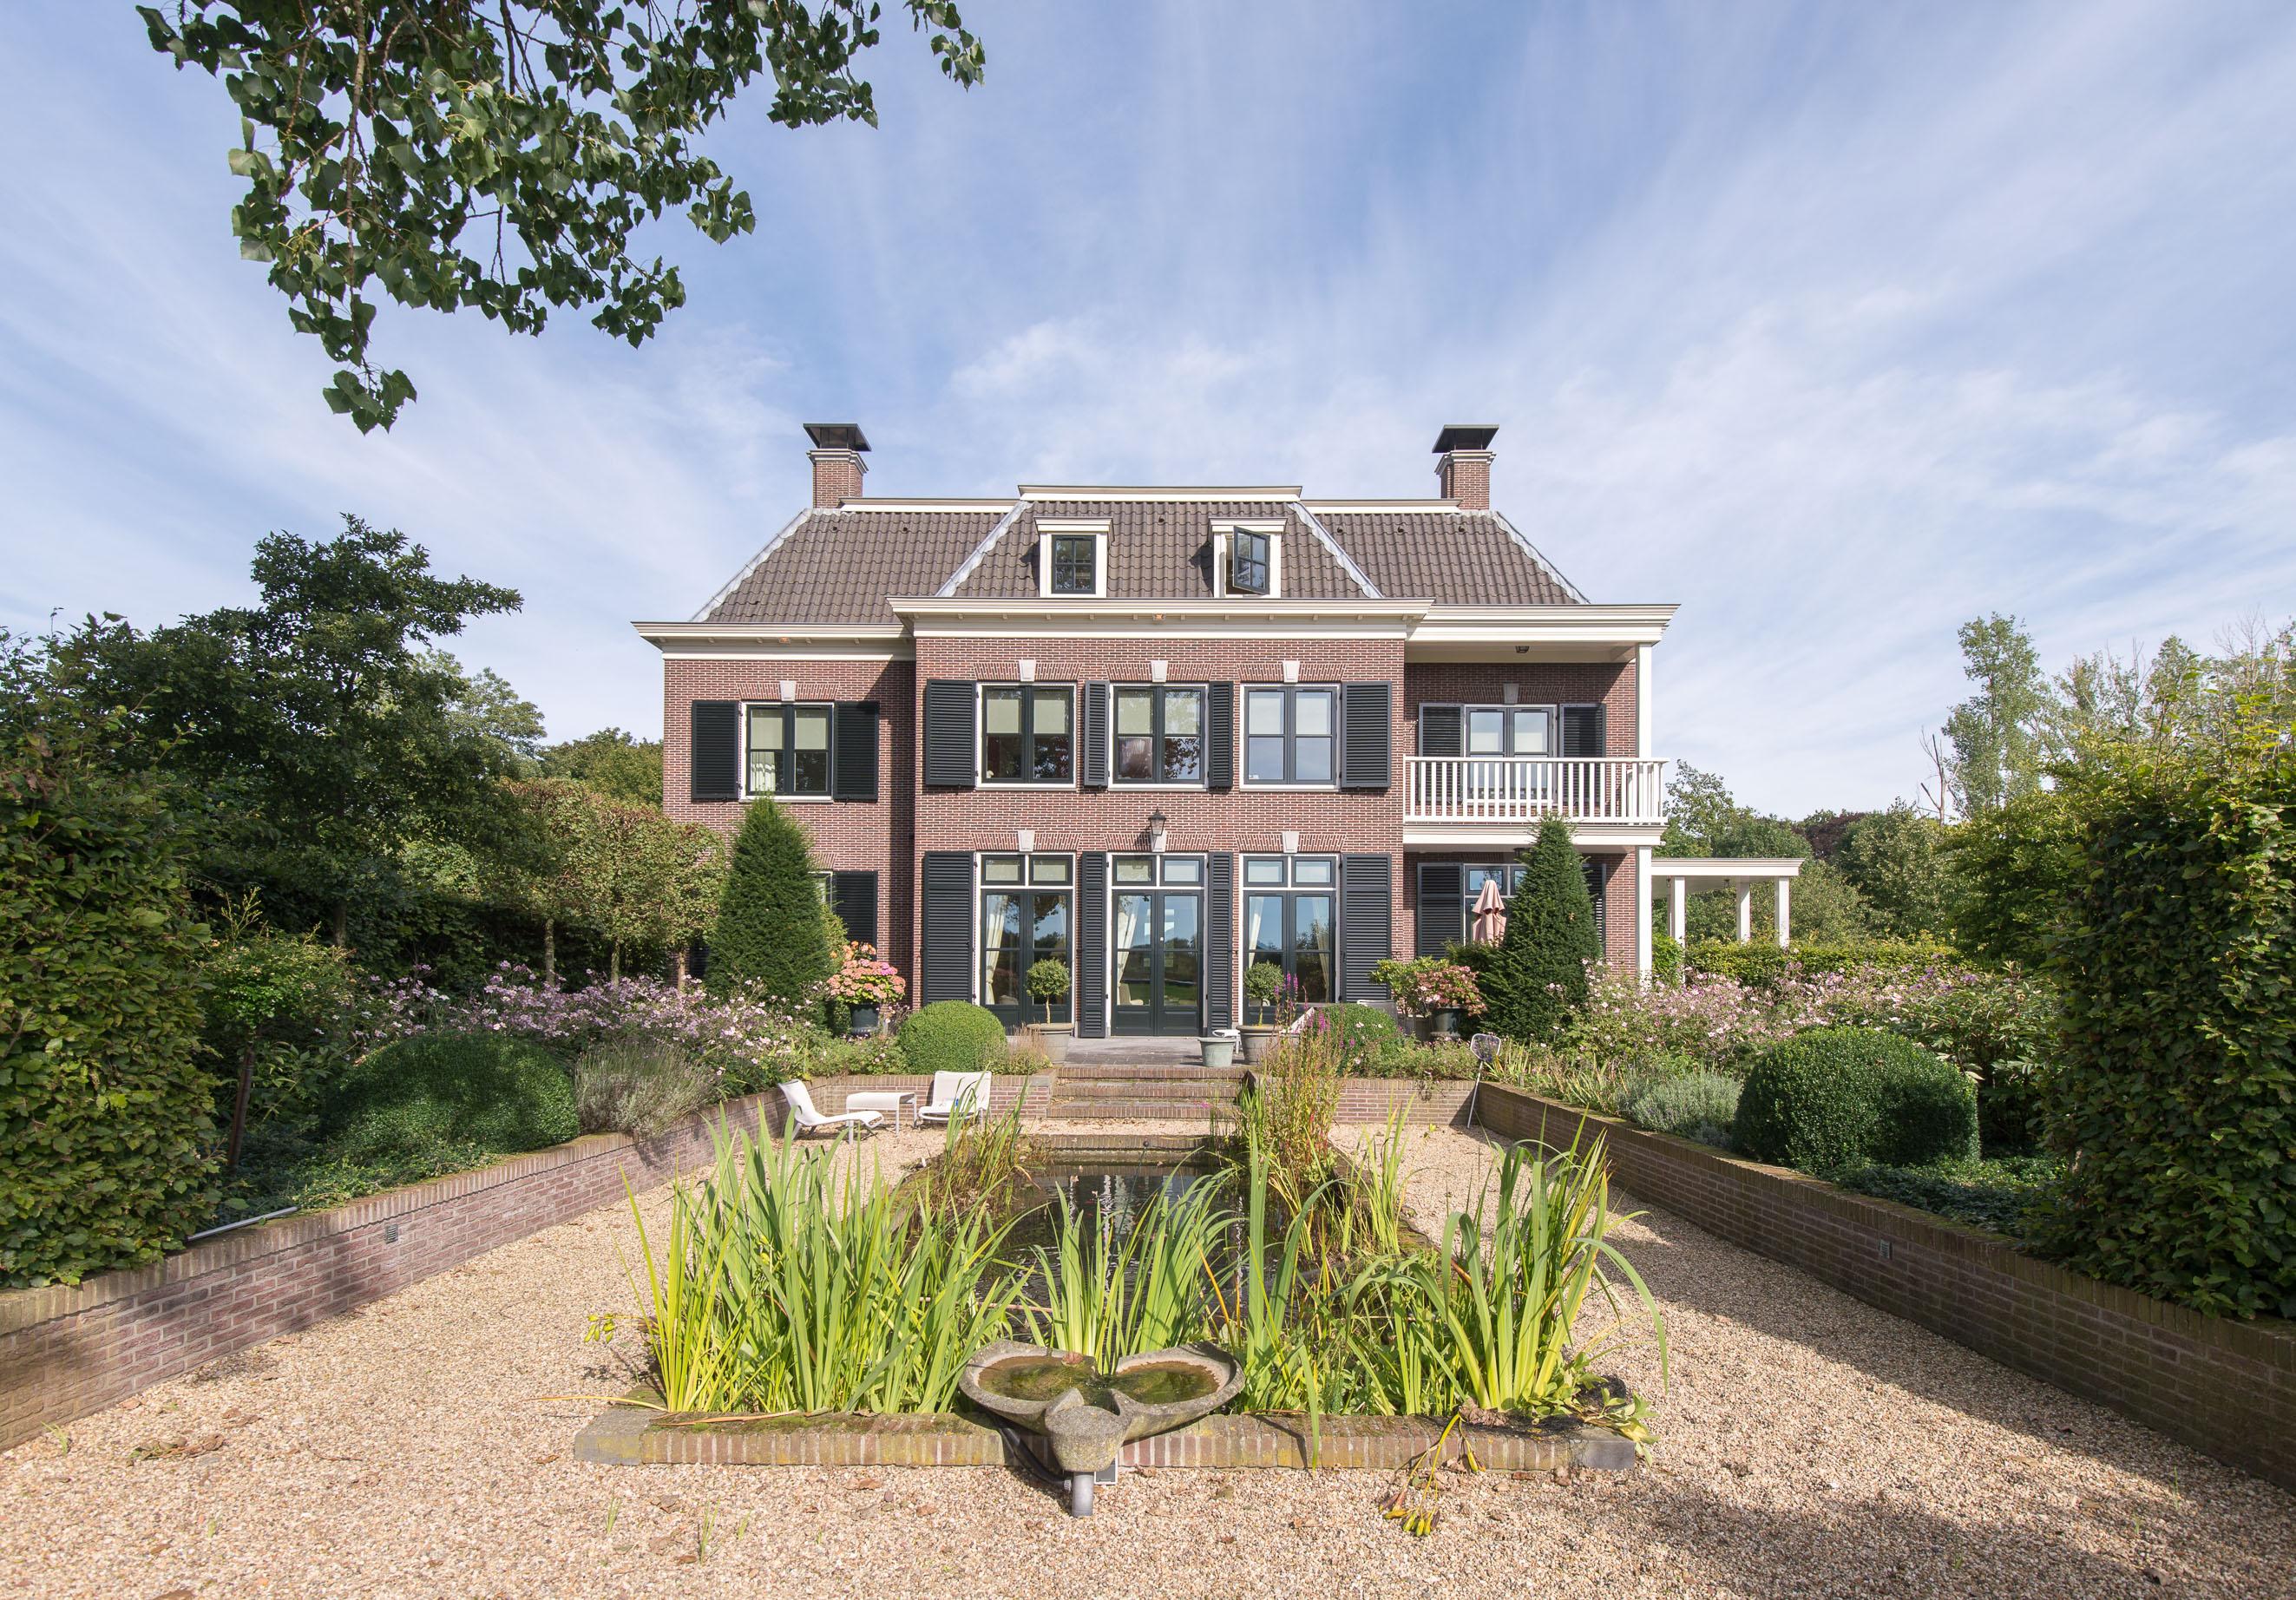 Single Family Home for Sale at Timeless Estate Estate 2 Breukelen, Utrecht, 1234 AB Netherlands